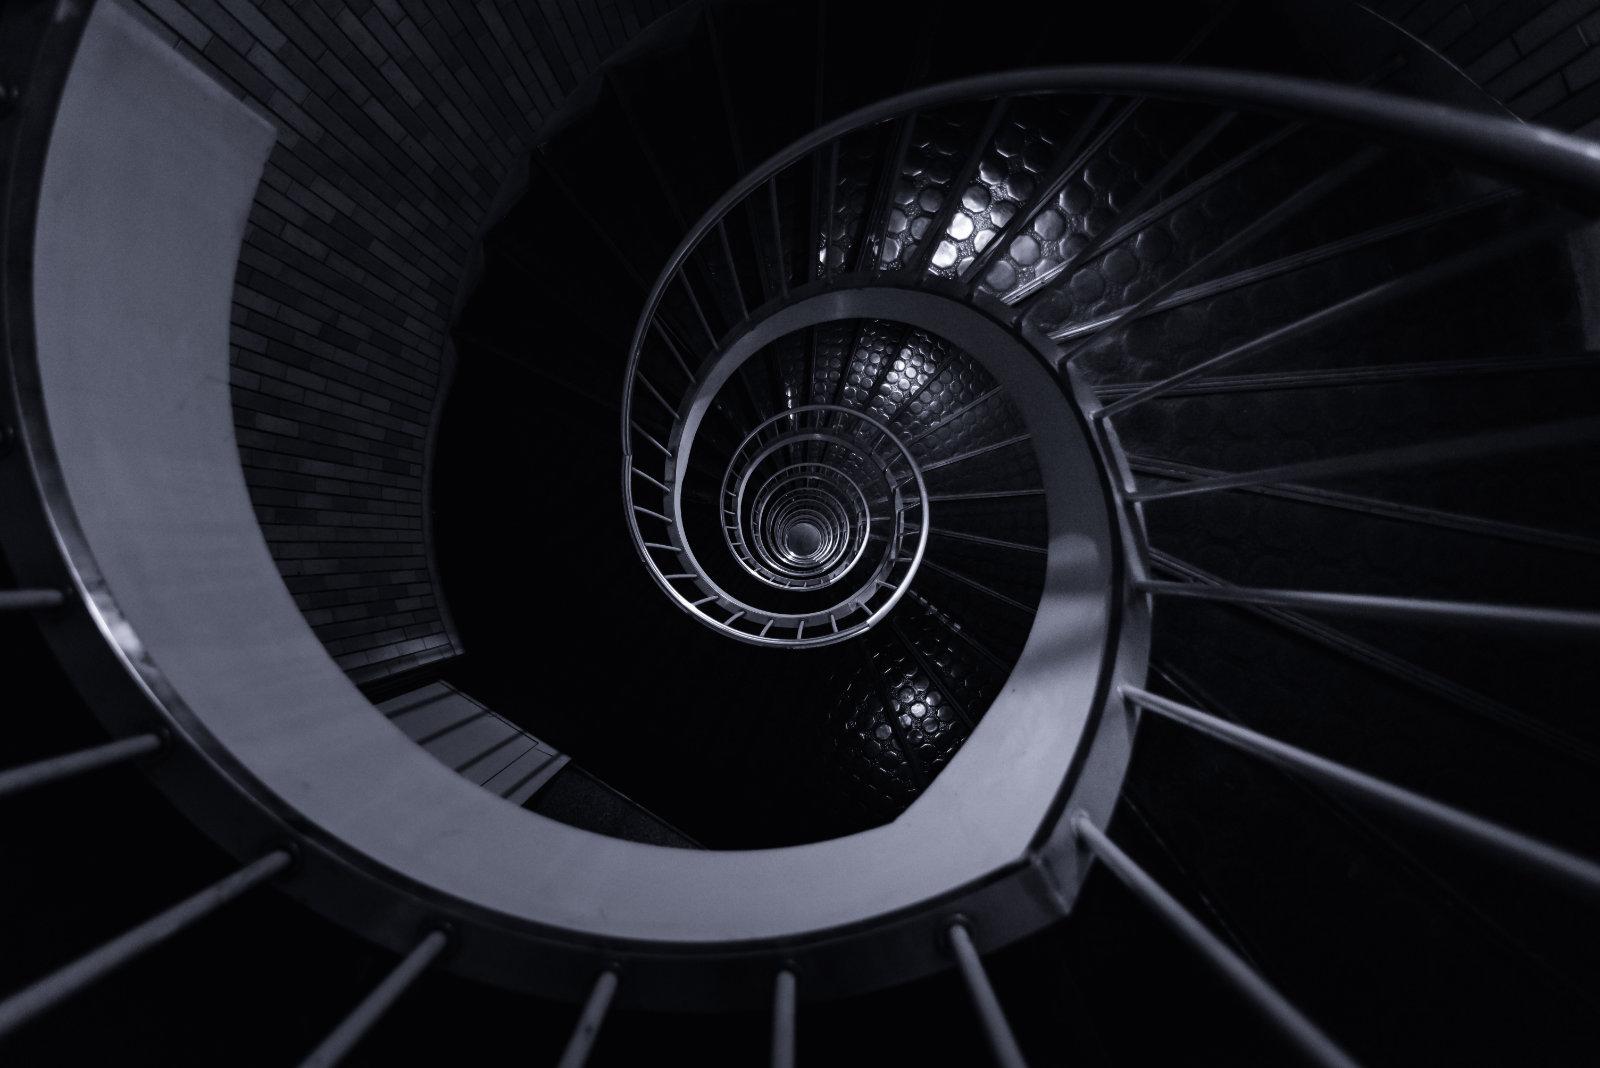 A Downwards Spiral